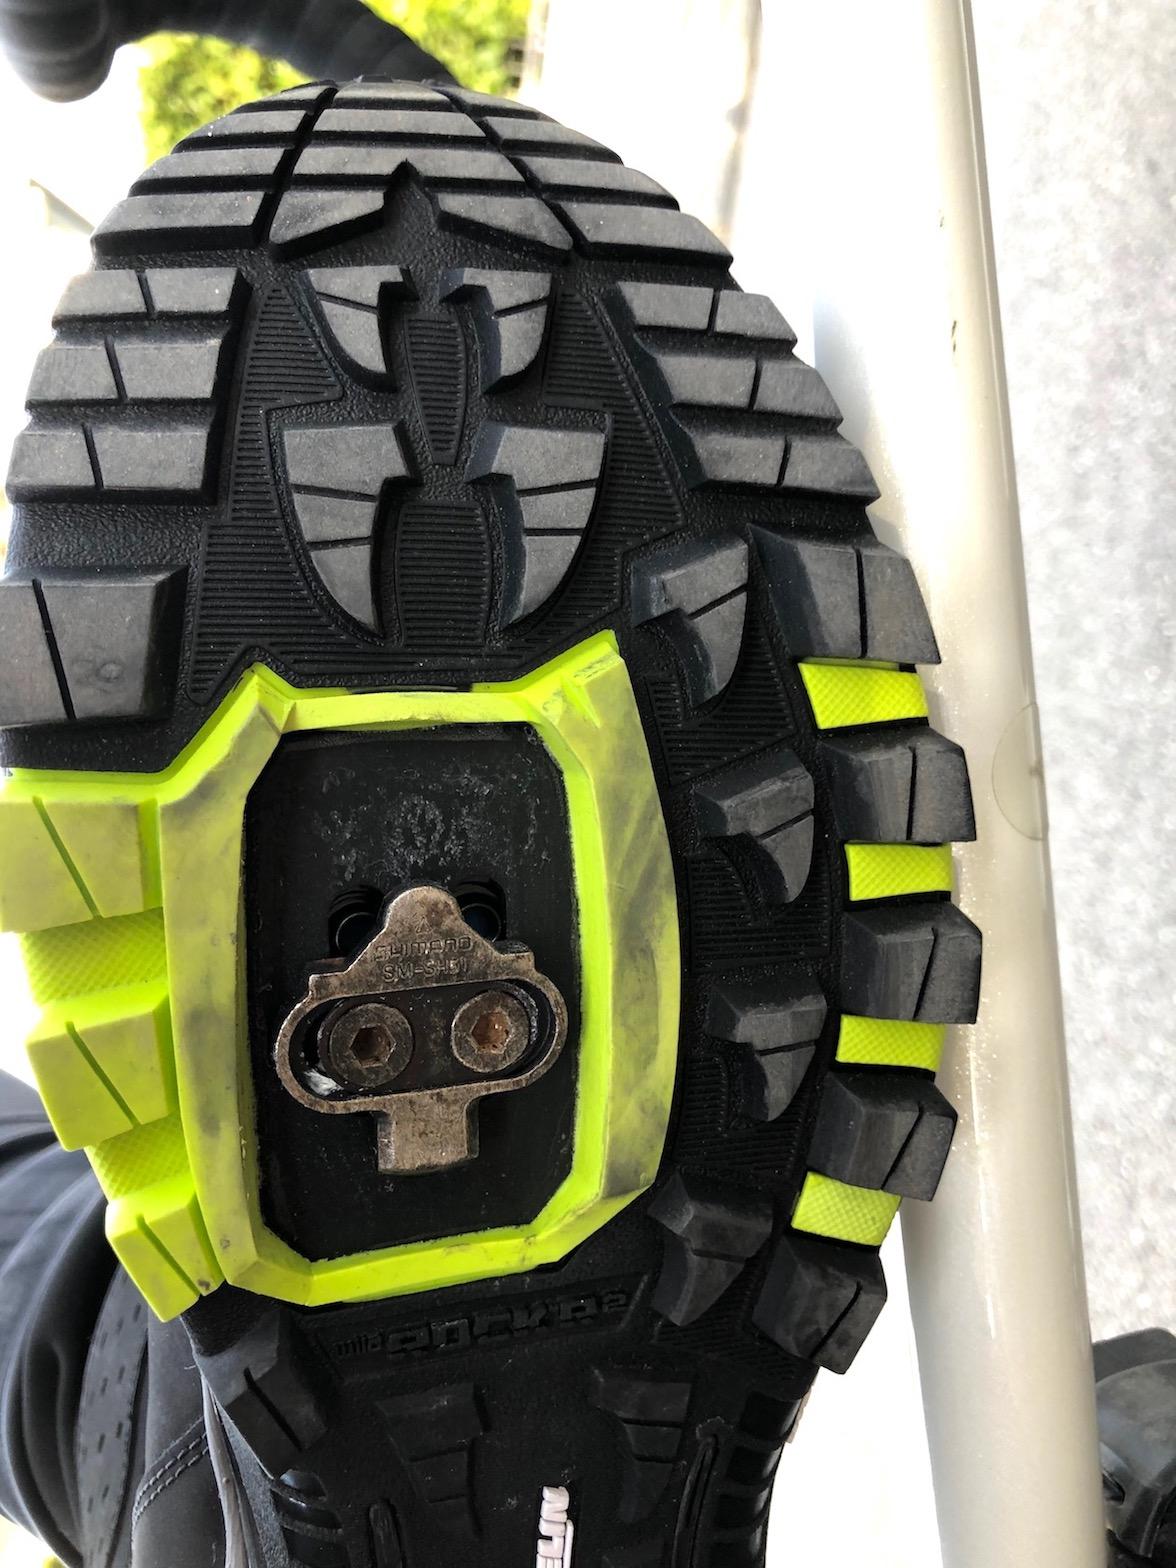 griffige, grobstollige Schuhsohle von Michelin mit montierten Cleats